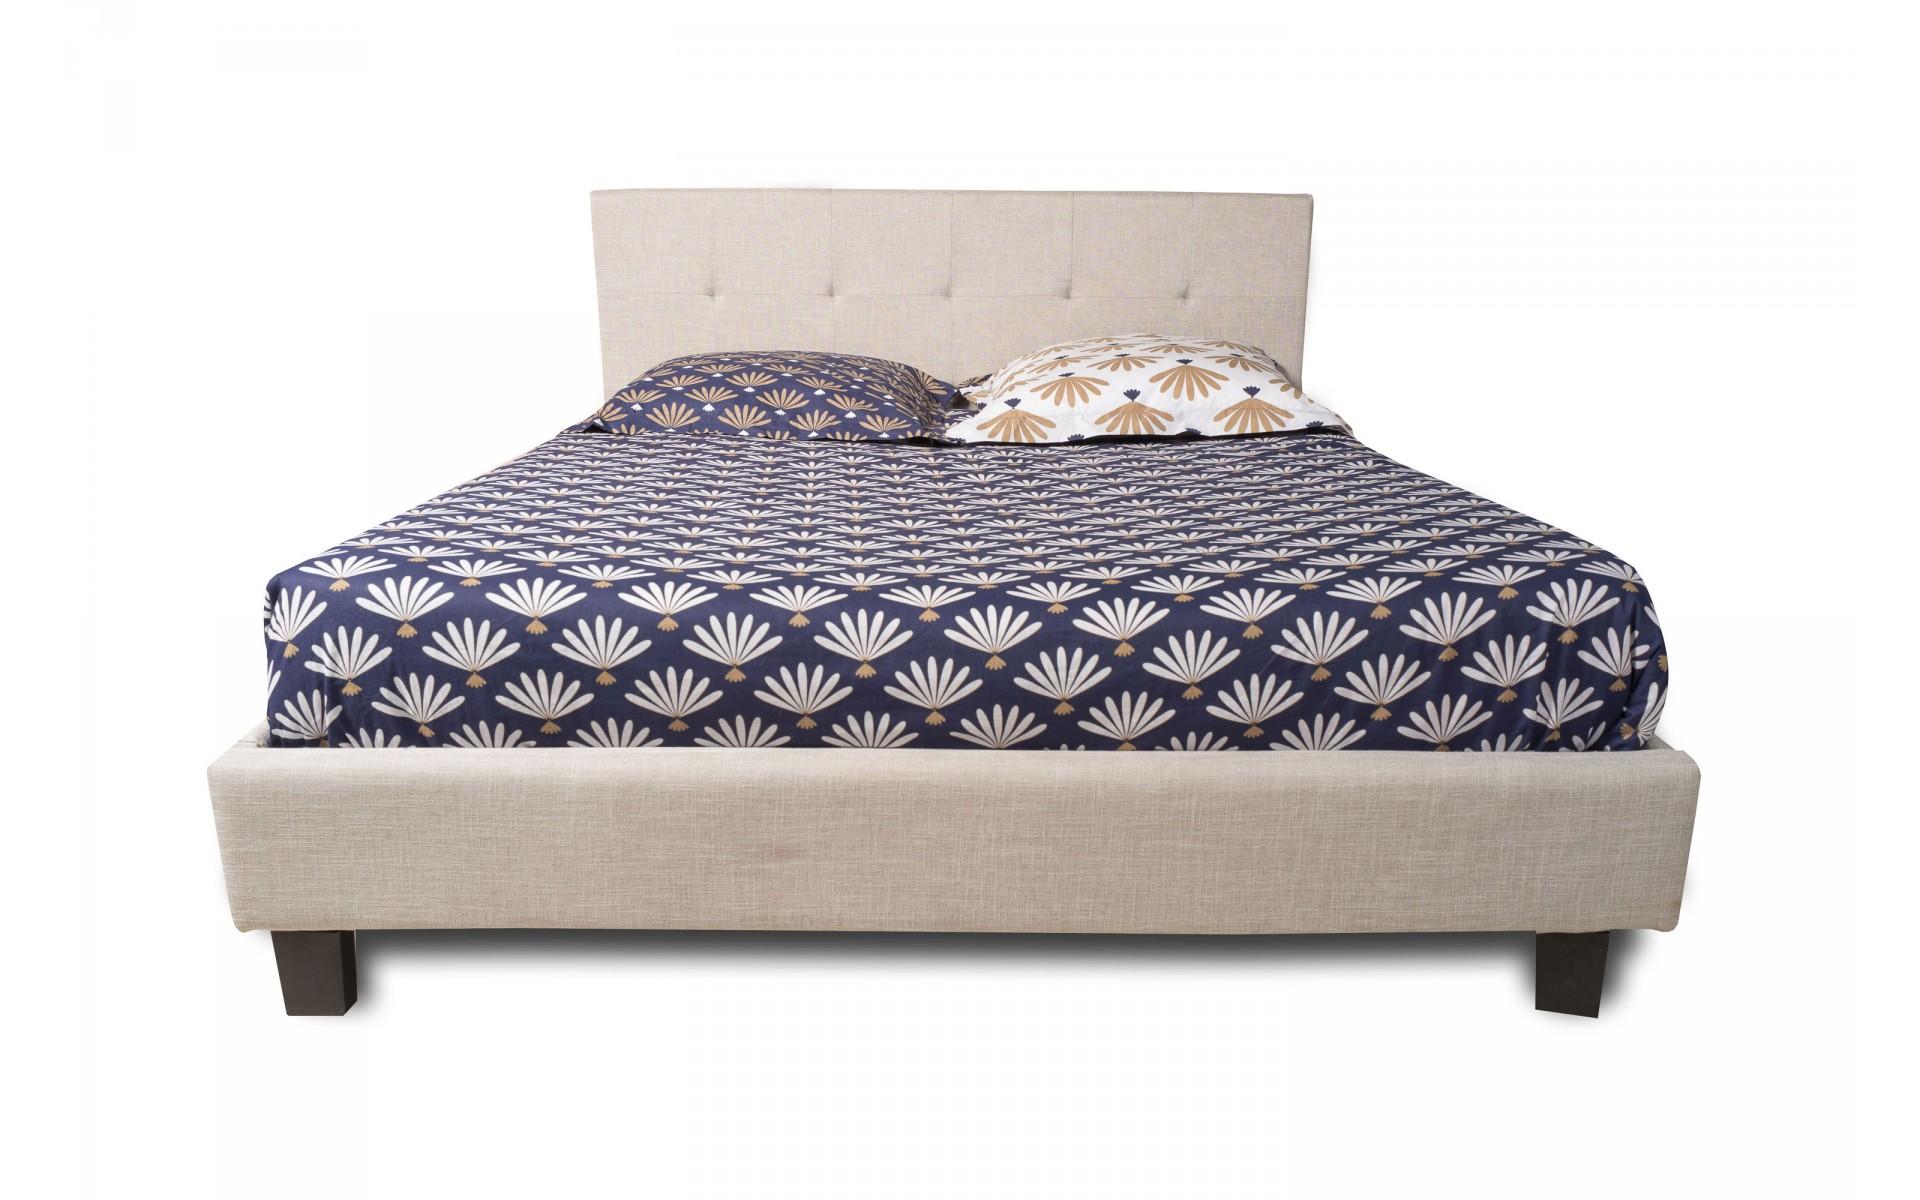 lit 2 personnes avec sommier inclus cozy top d co. Black Bedroom Furniture Sets. Home Design Ideas